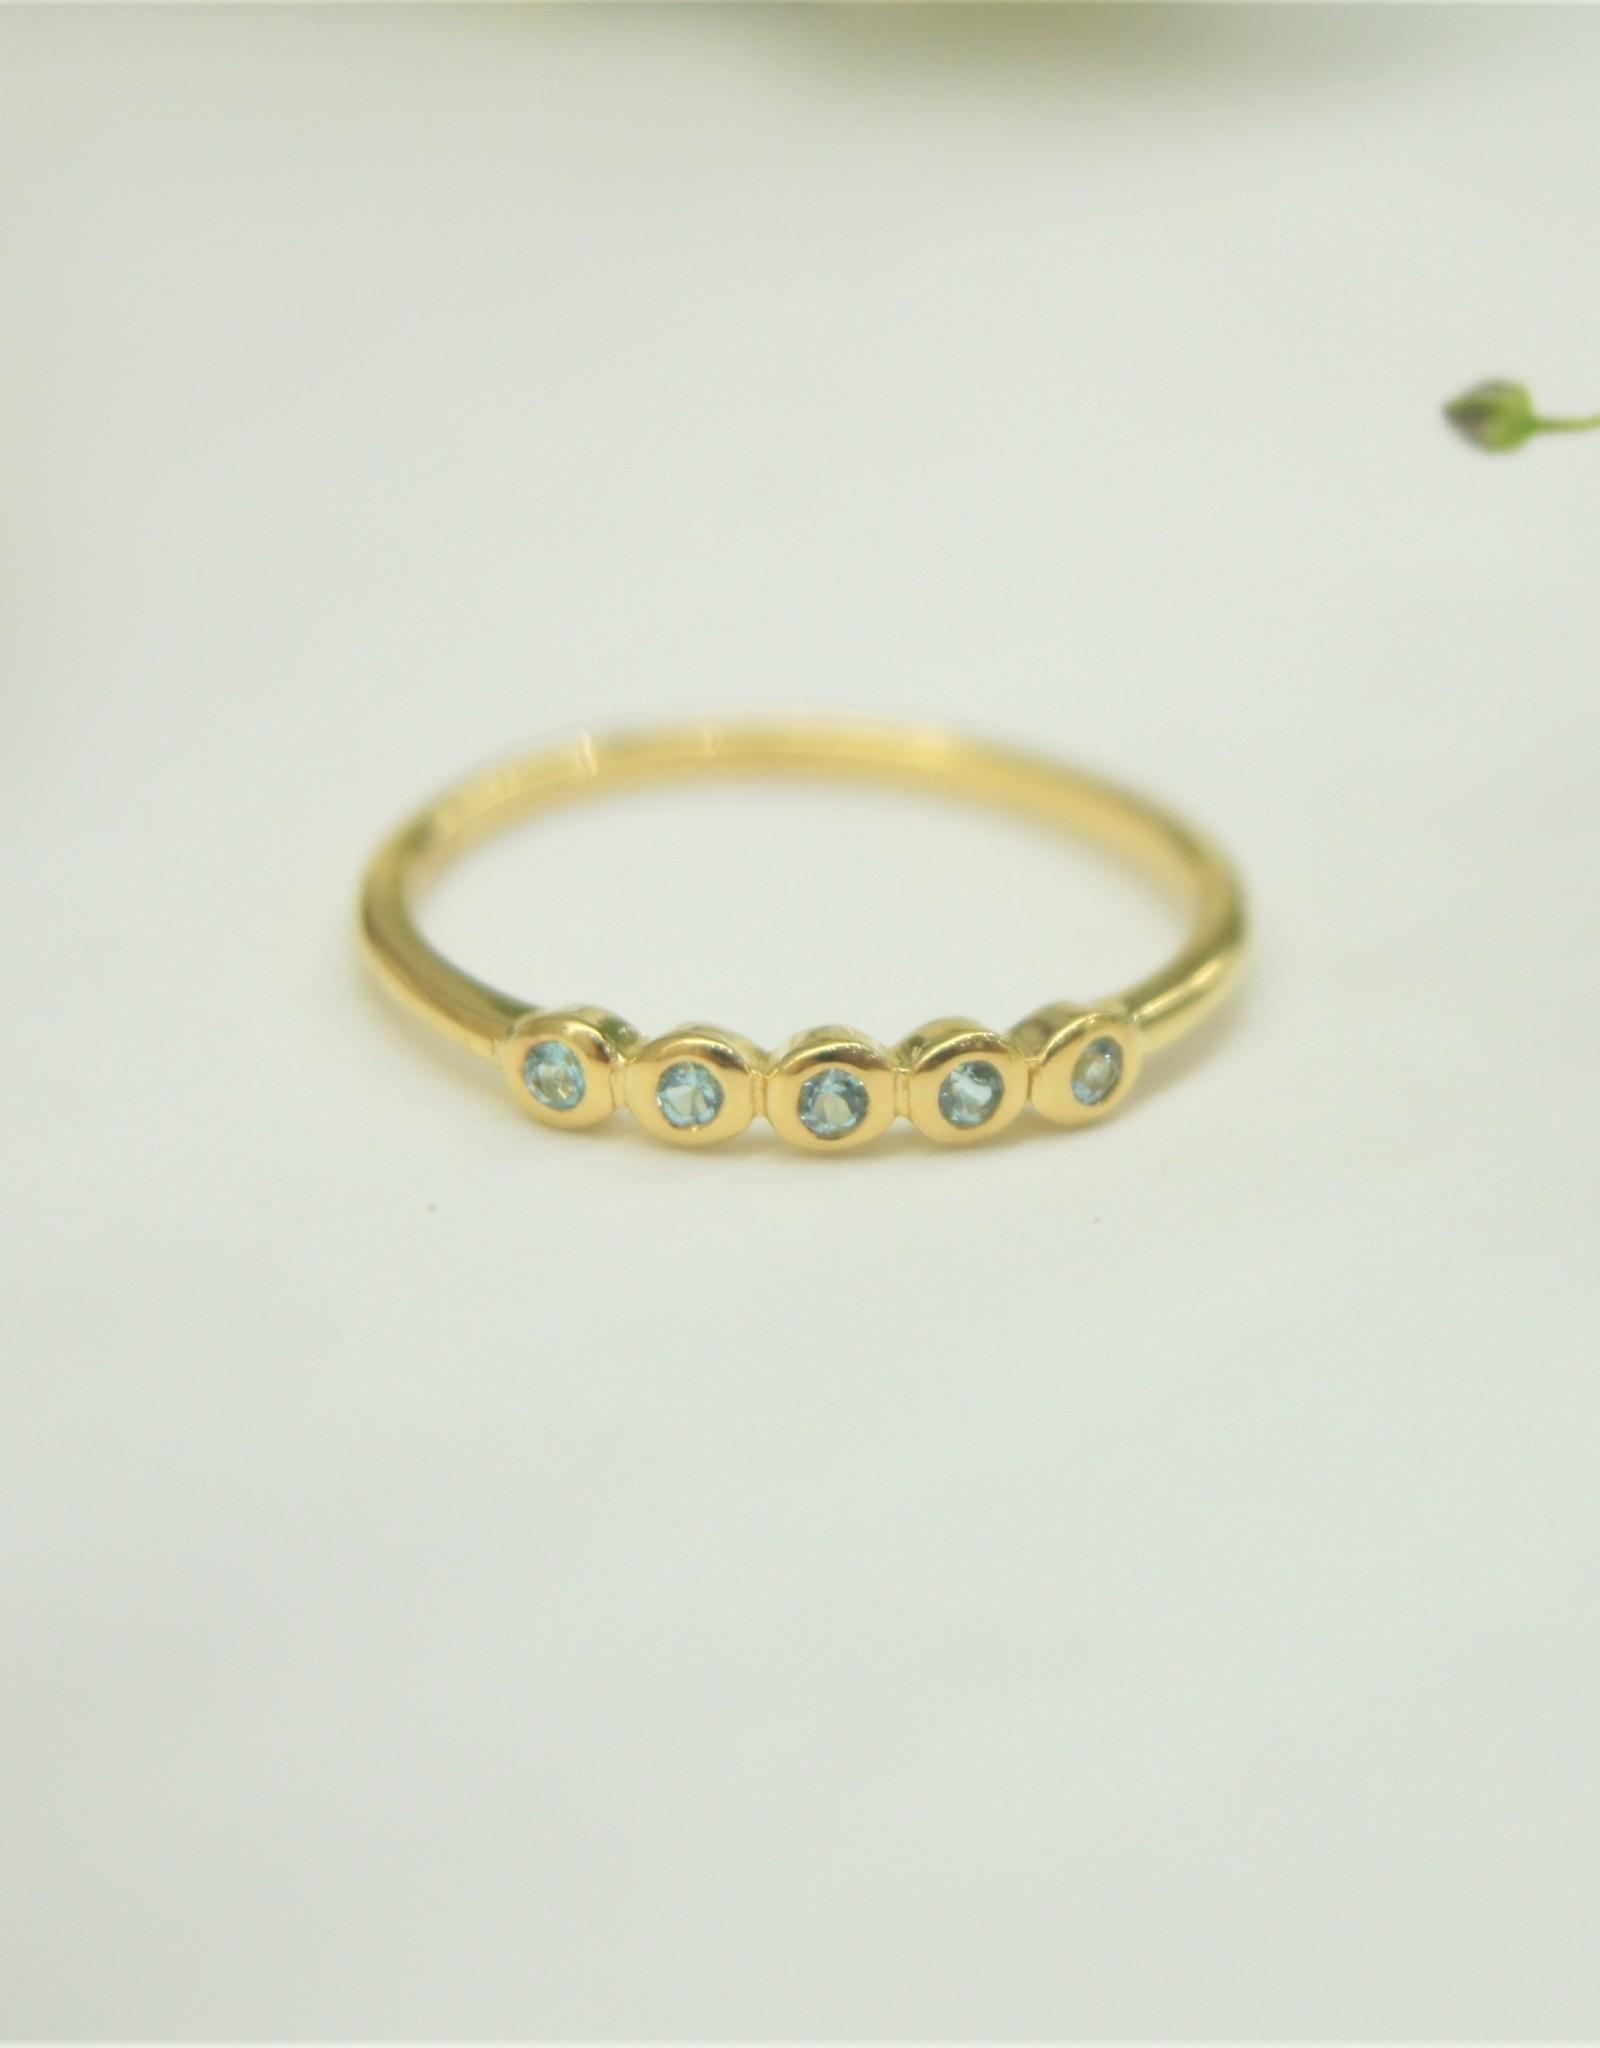 Tashi Blue Topaz Stone Bezel Ring